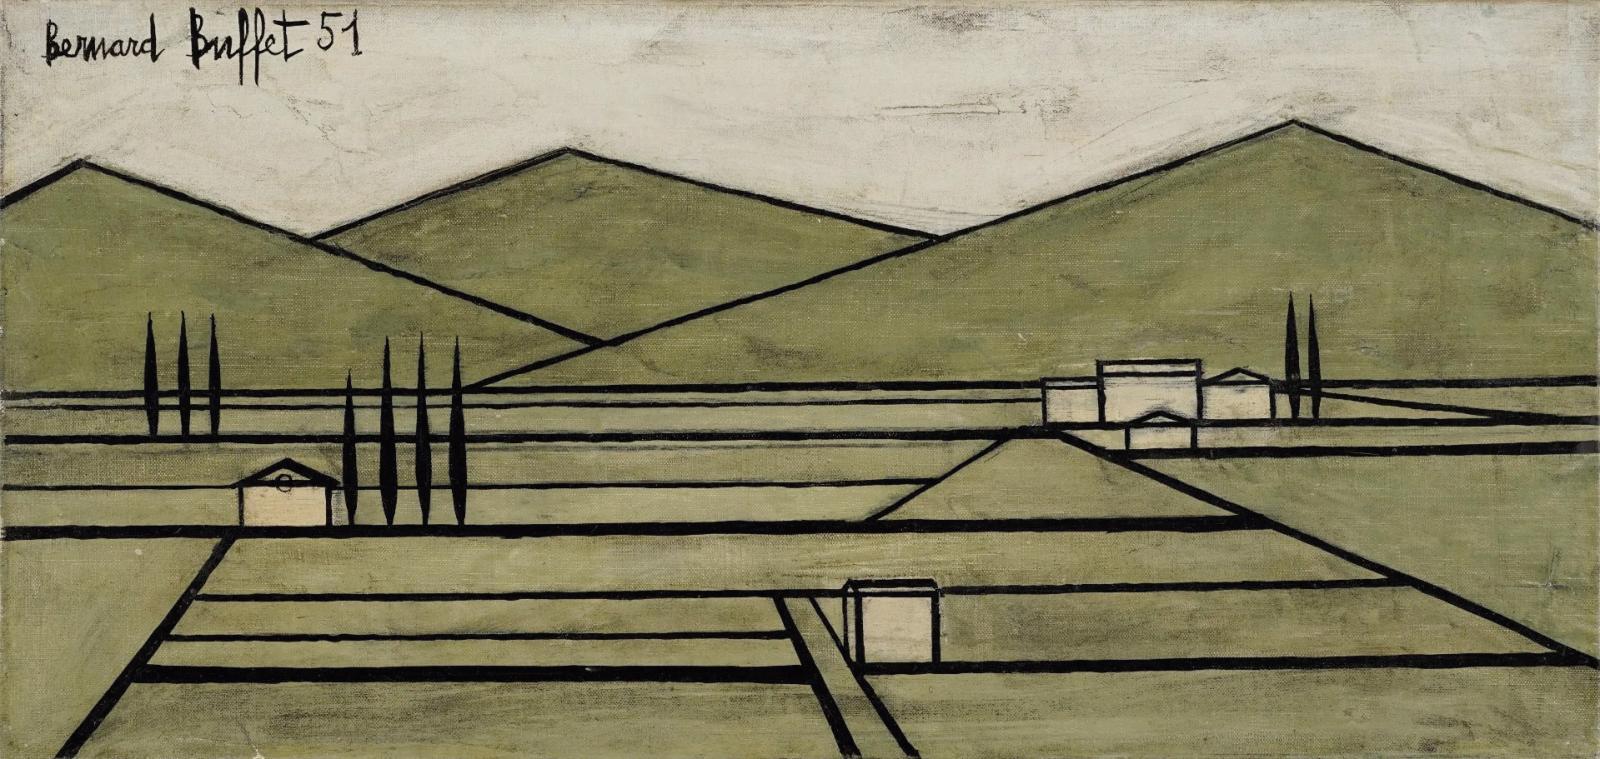 Bernard Buffet ( 1928-1999), Paysage du Vaucluse II, 1951, huile sur toile, 24 x 50 cm. Estimation: 18000/26000€